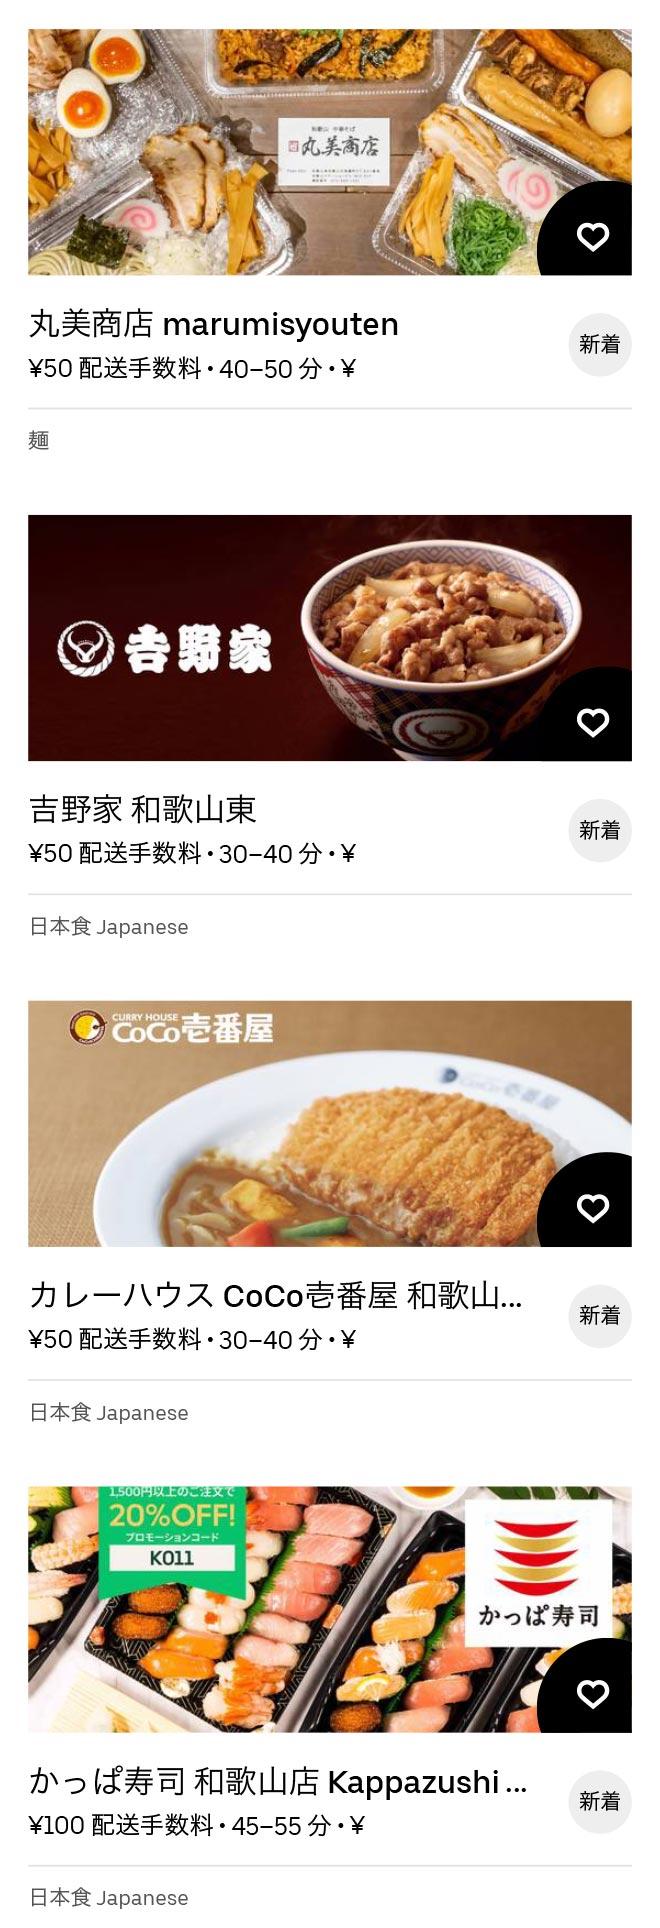 Wakayama menu 2011 2